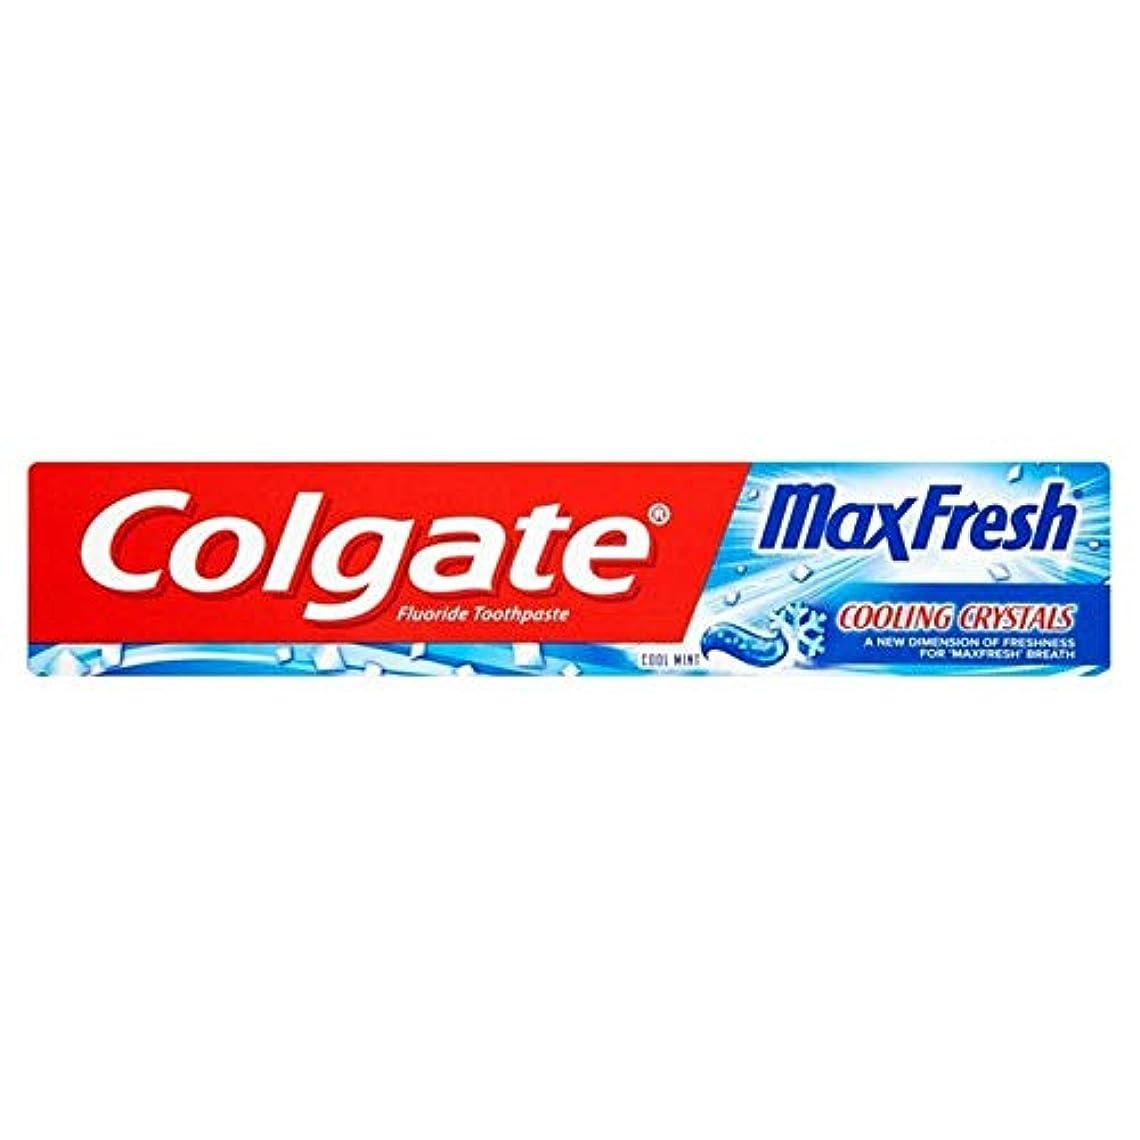 おじさんチャット犠牲[Colgate ] 冷却結晶歯磨き粉75ミリリットル新鮮なコルゲートマックス - Colgate Max Fresh with Cooling Crystals Toothpaste 75ml [並行輸入品]